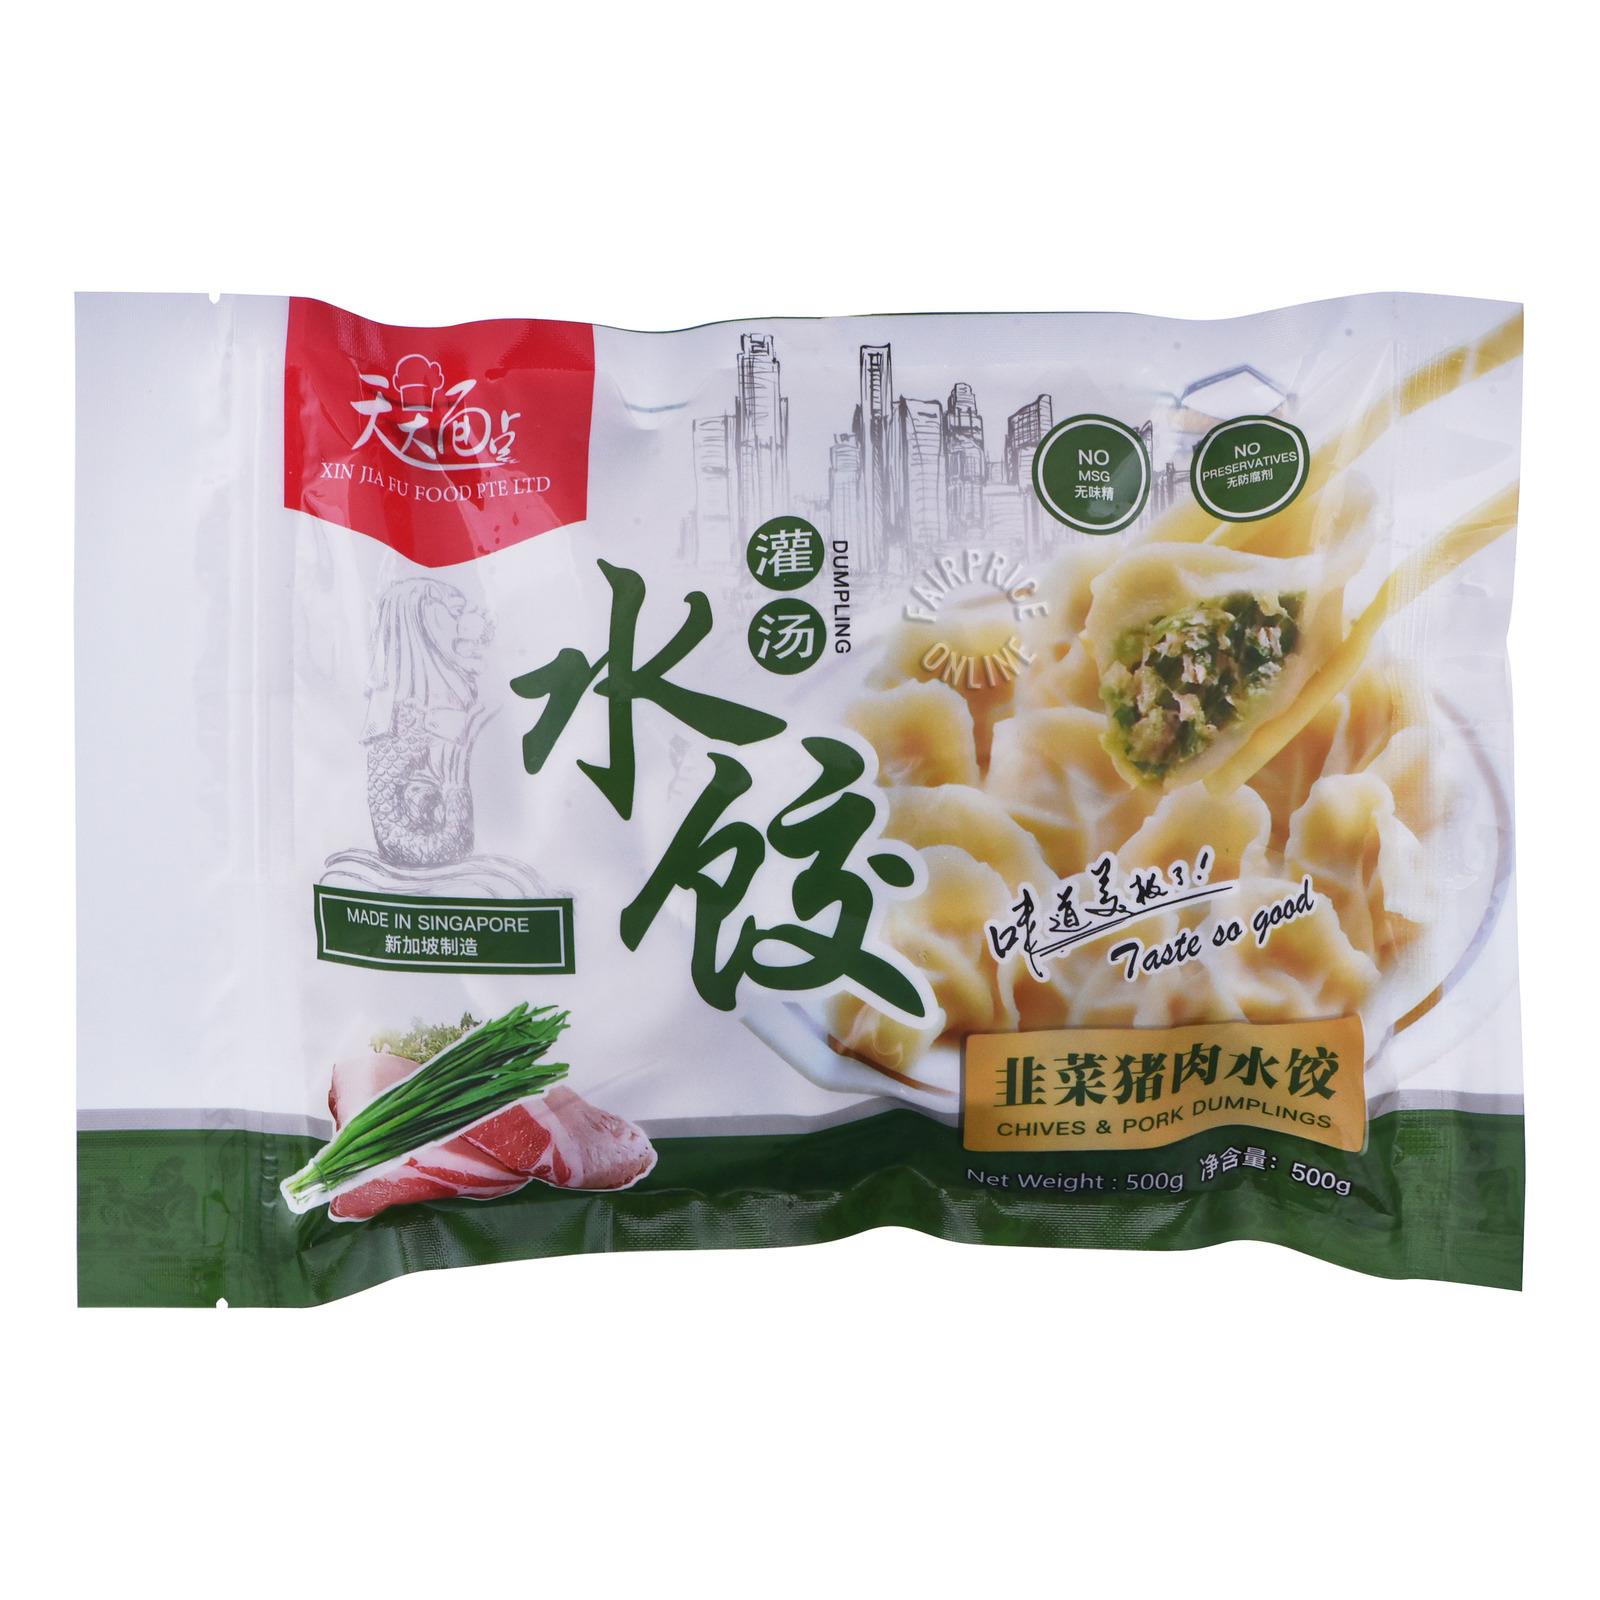 Xin Jia Fu Dumpling - Chives & Pork